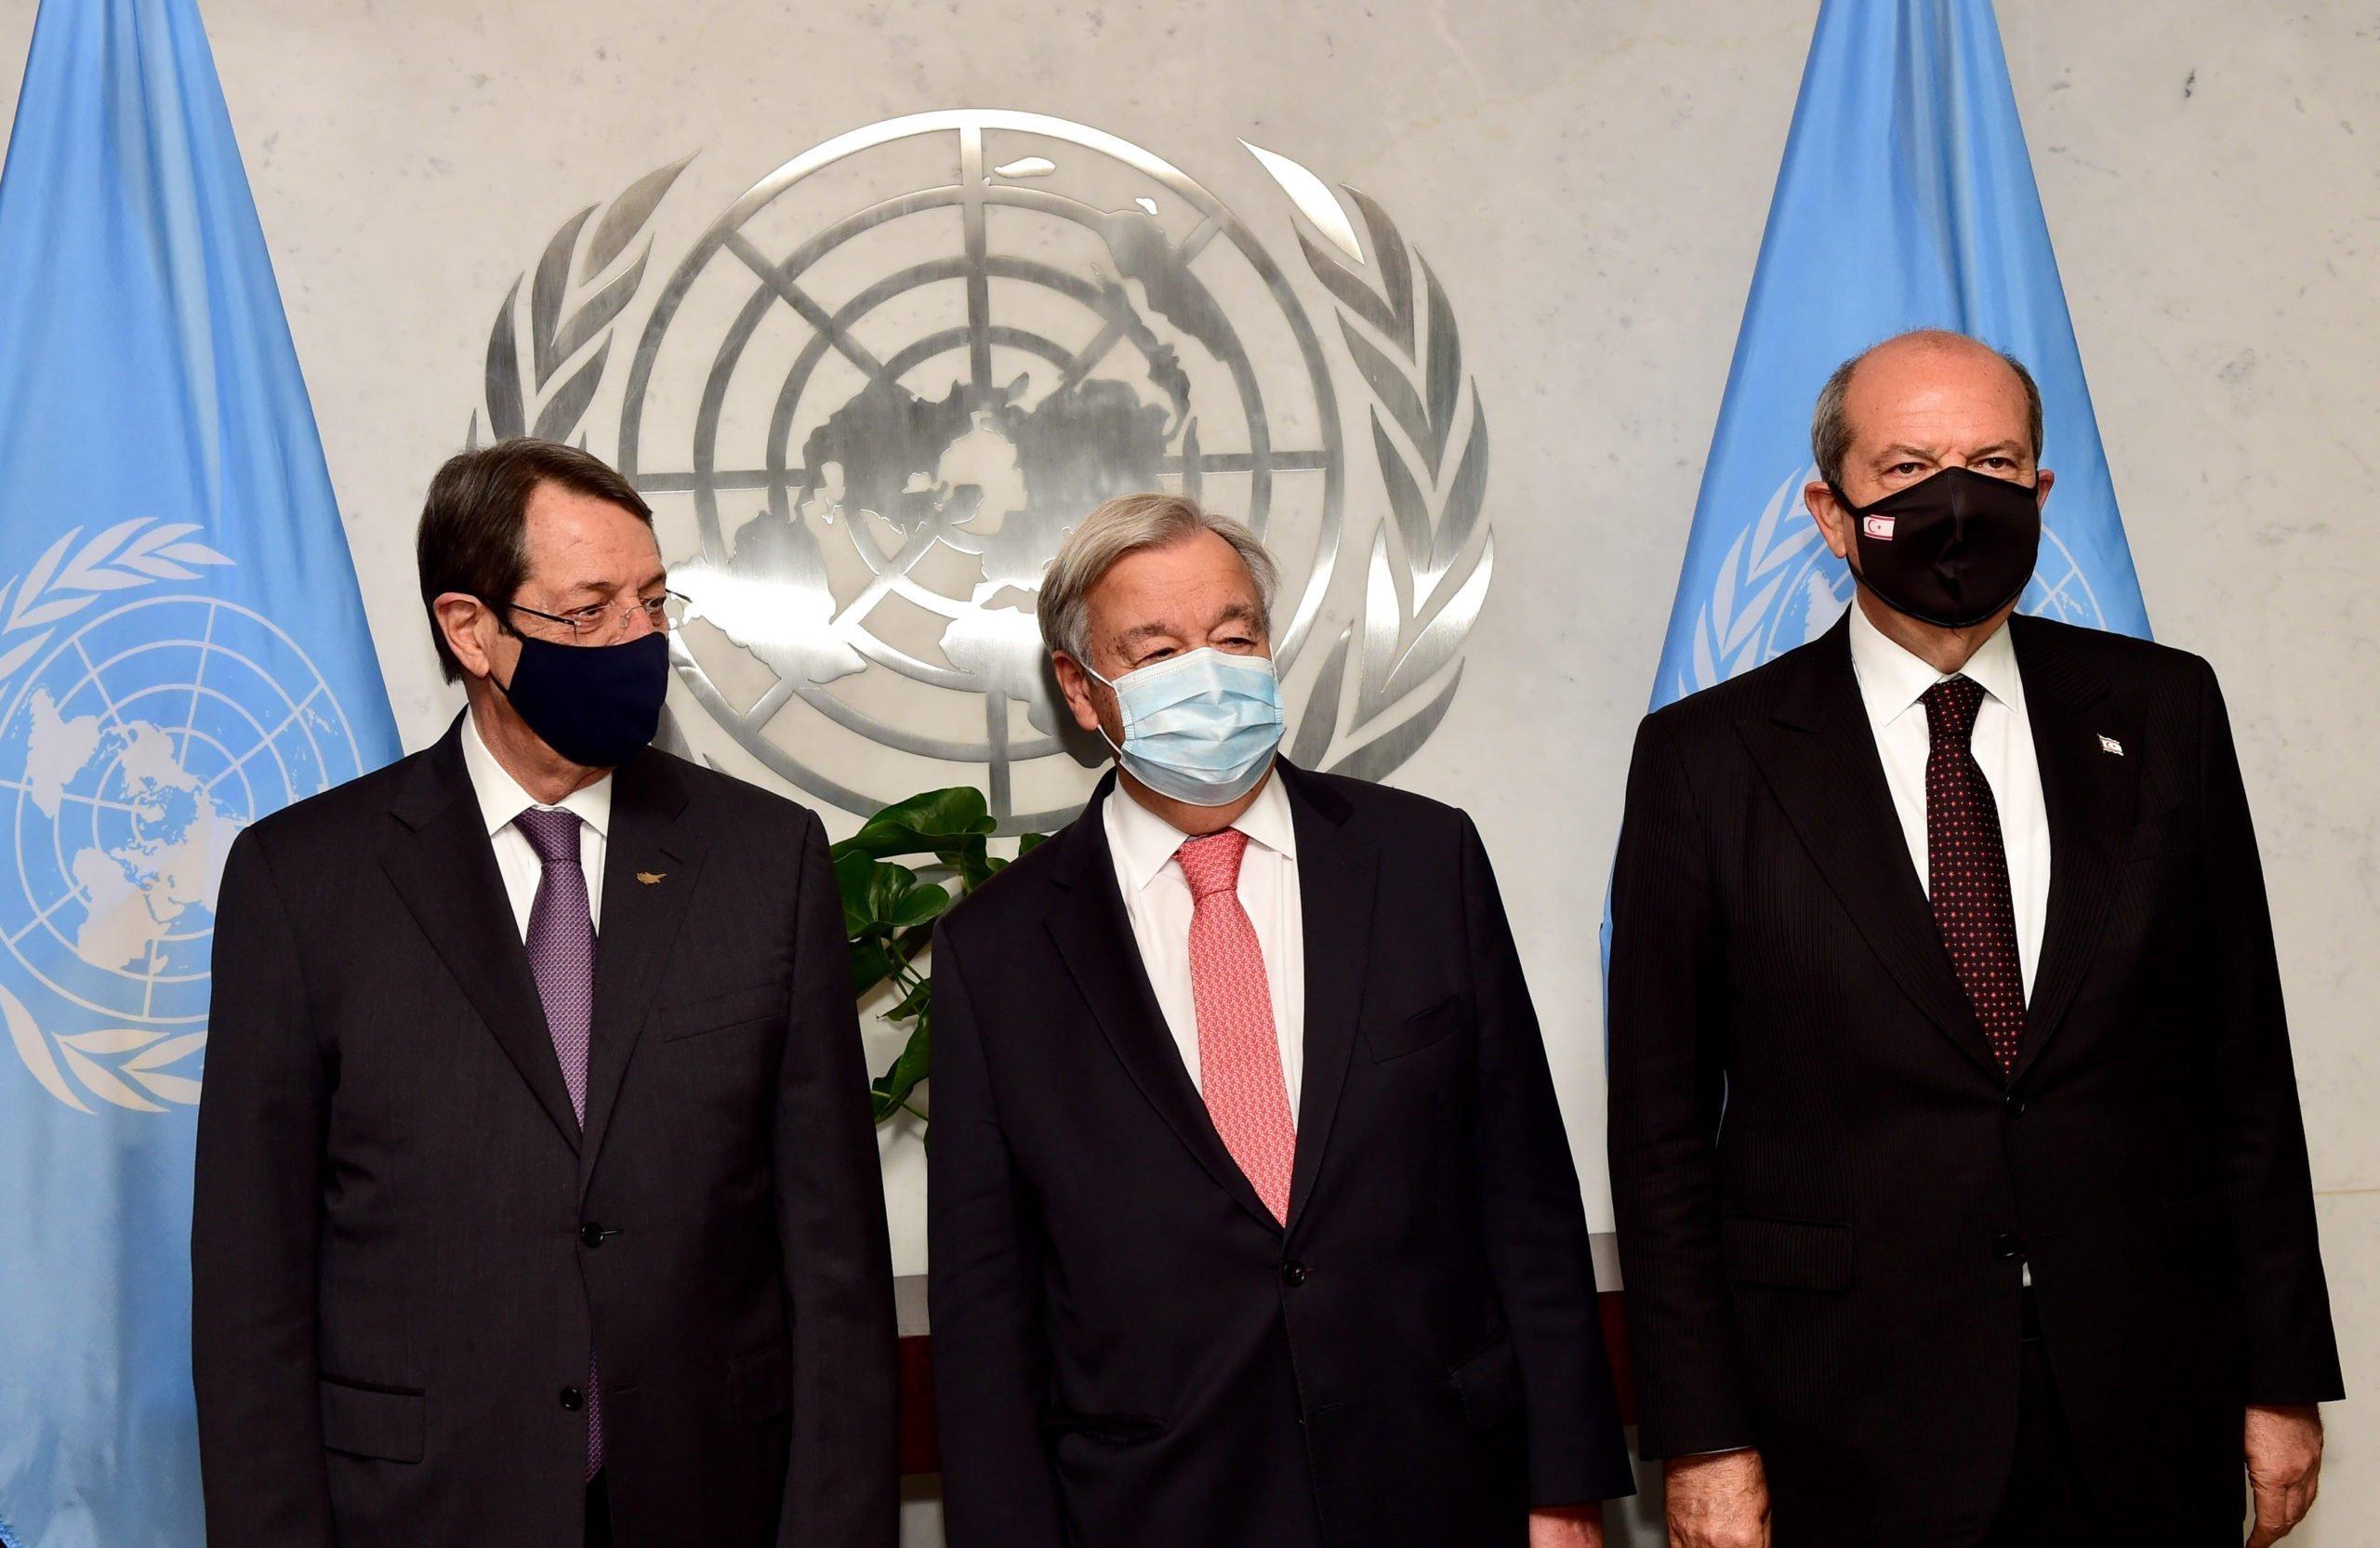 Να εξερευνήσει νέες ιδέες ο ΓΓ του ΟΗΕ, ελπίζει ο Τατάρ